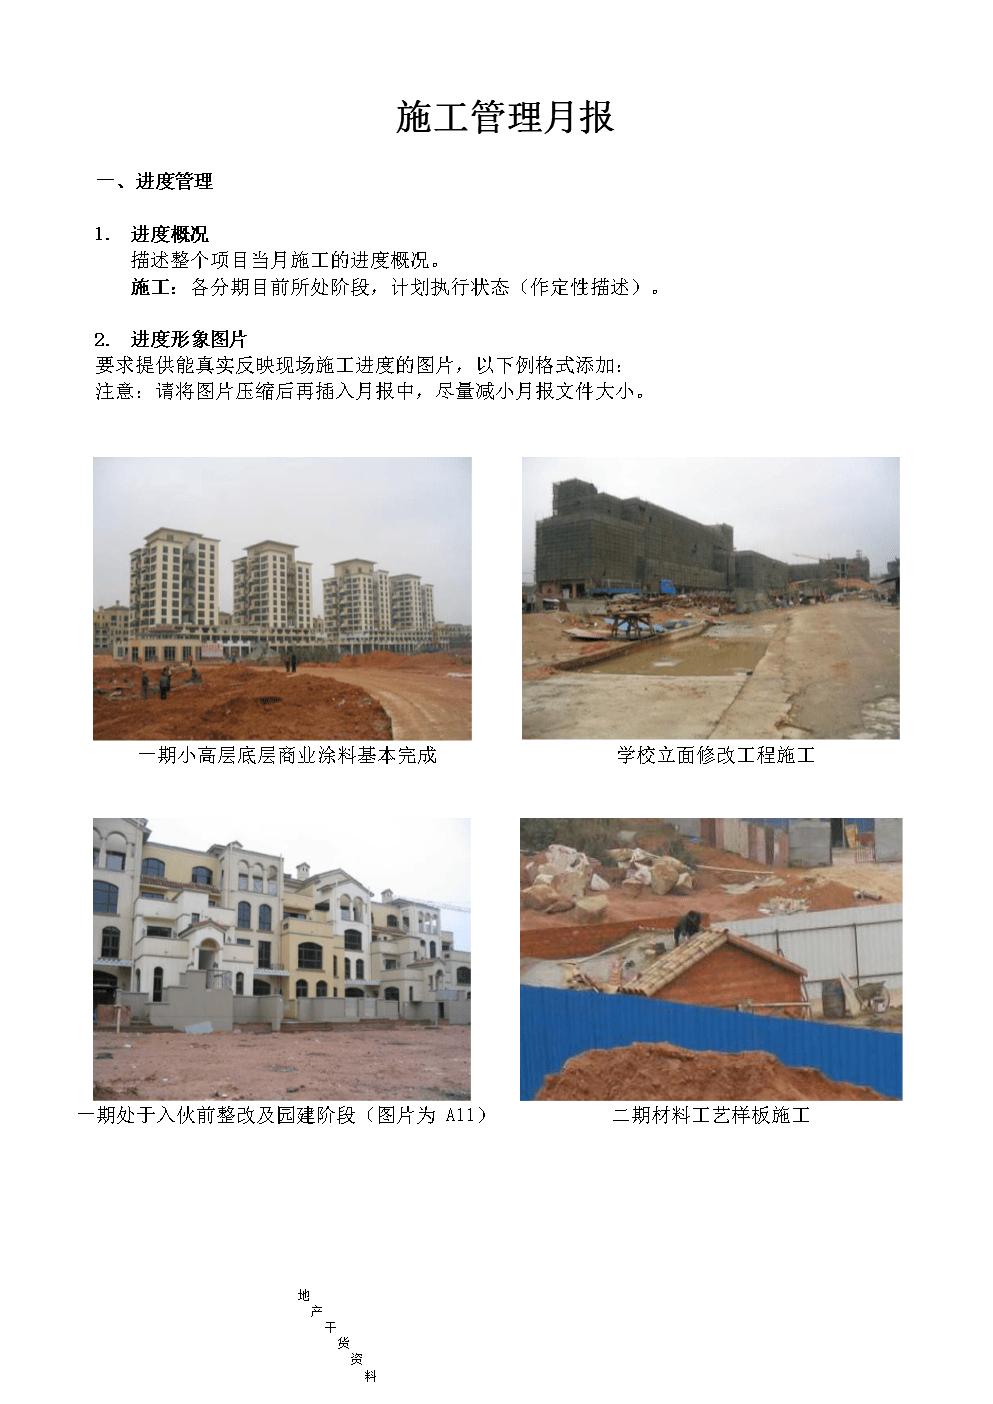 項目層面:施工管理月報-房地產-2020_解密.docx